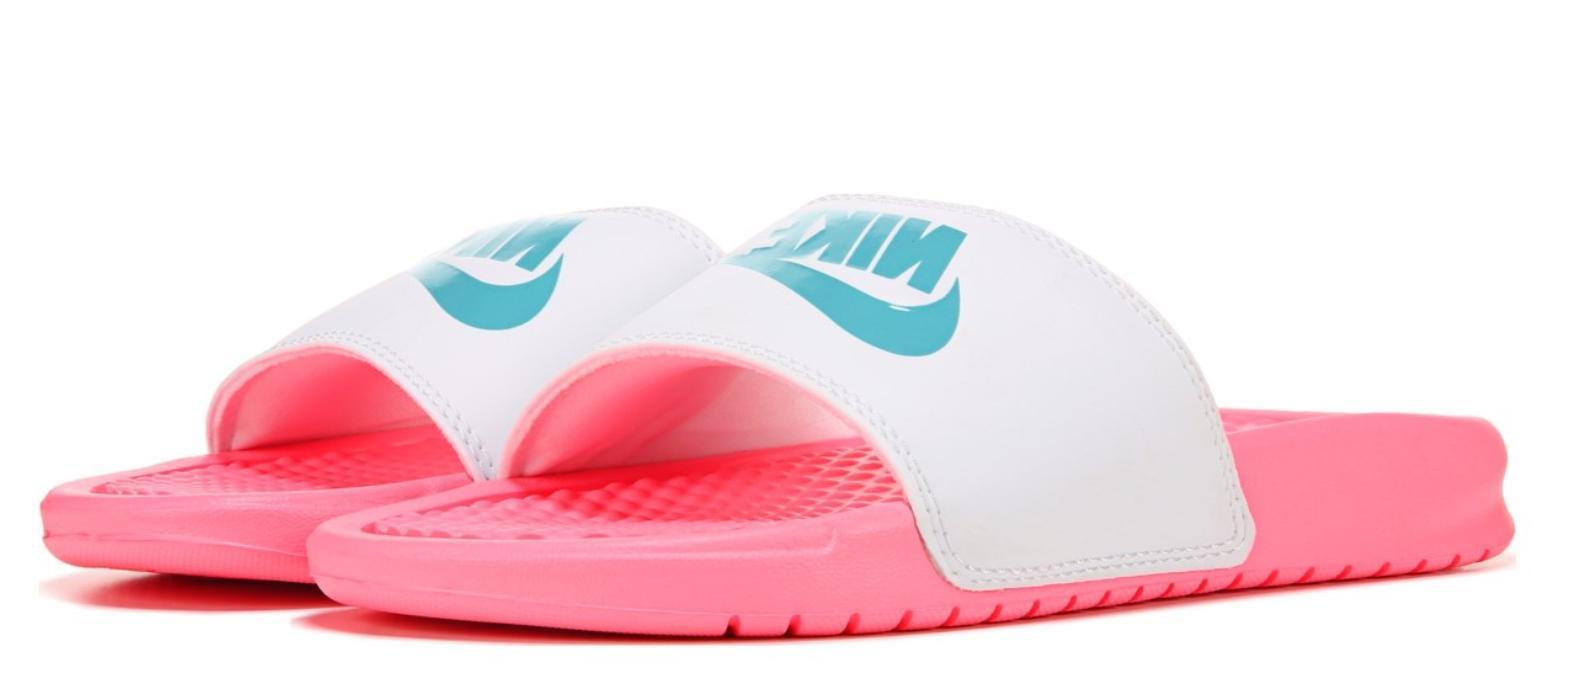 New Women's Nike Benassi JDI Slides Sandals Flip-Flops White